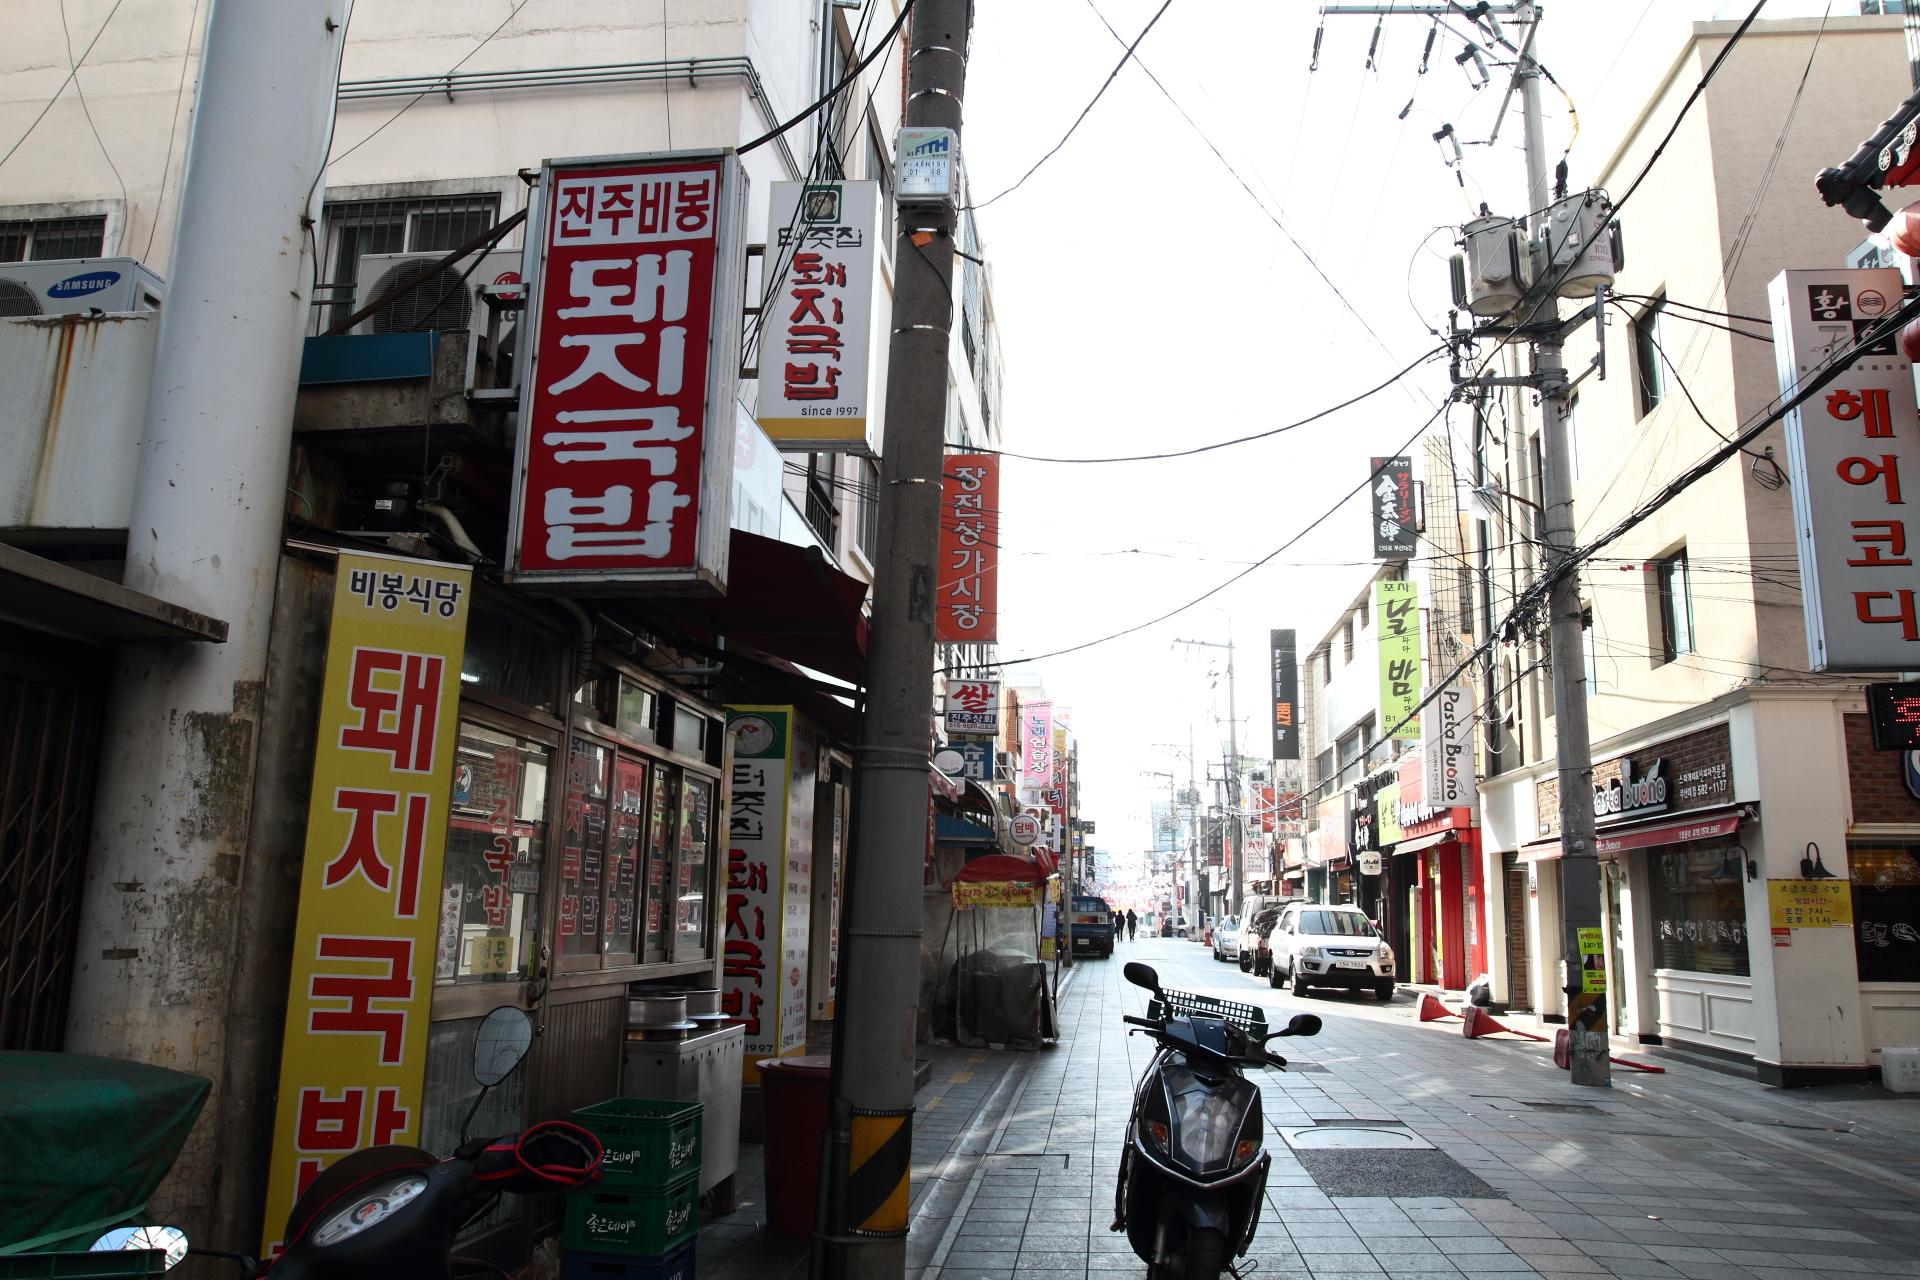 부산대학교 맛집 진주 비봉식당 (2)